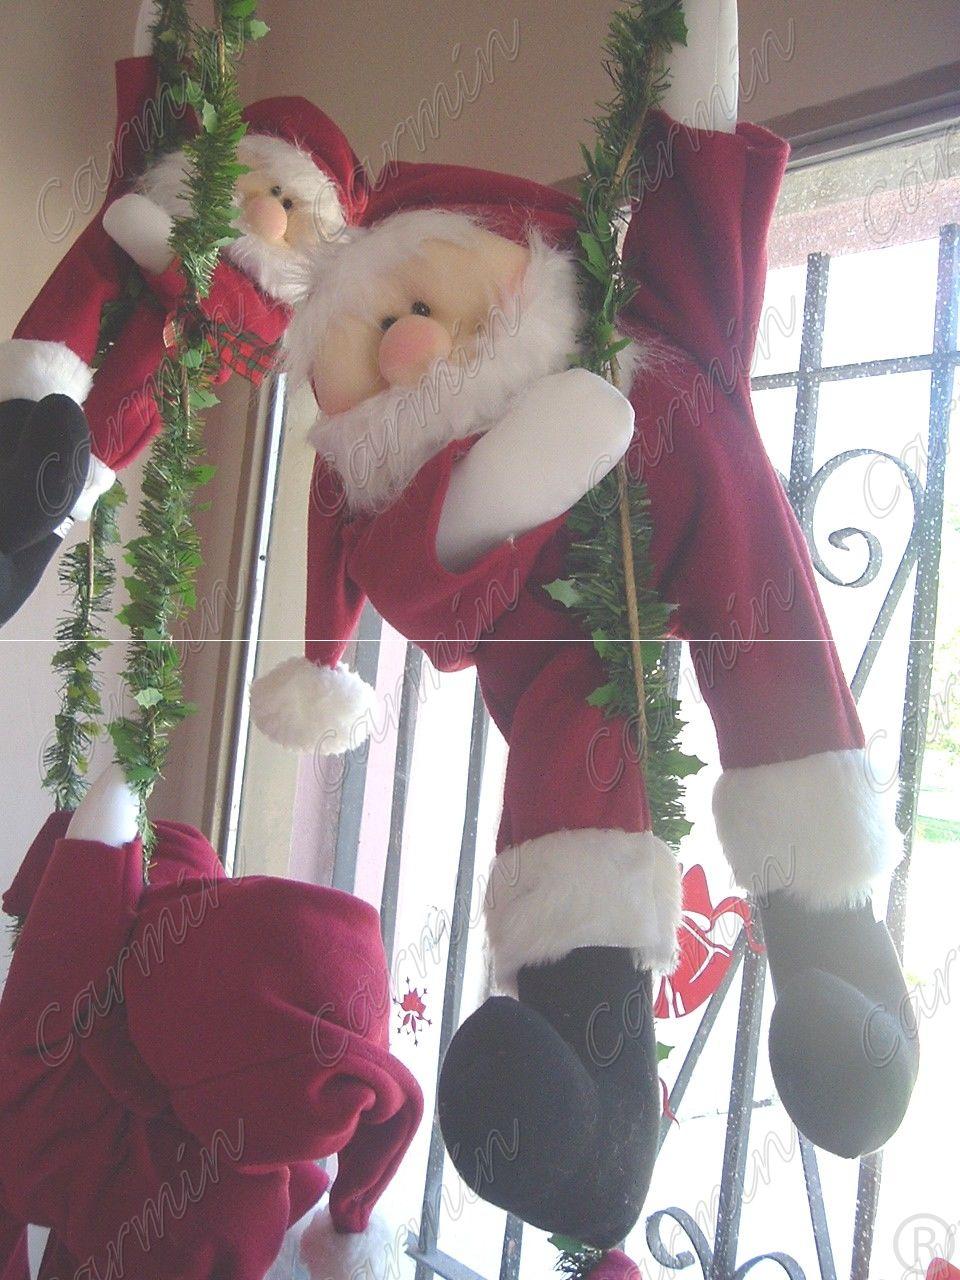 Decoracion De Noel ~   DE ESPACIOS P?BLICOS EN LA CIUDAD DE VILLA DEL TOTORAL, PROVINCIA DE